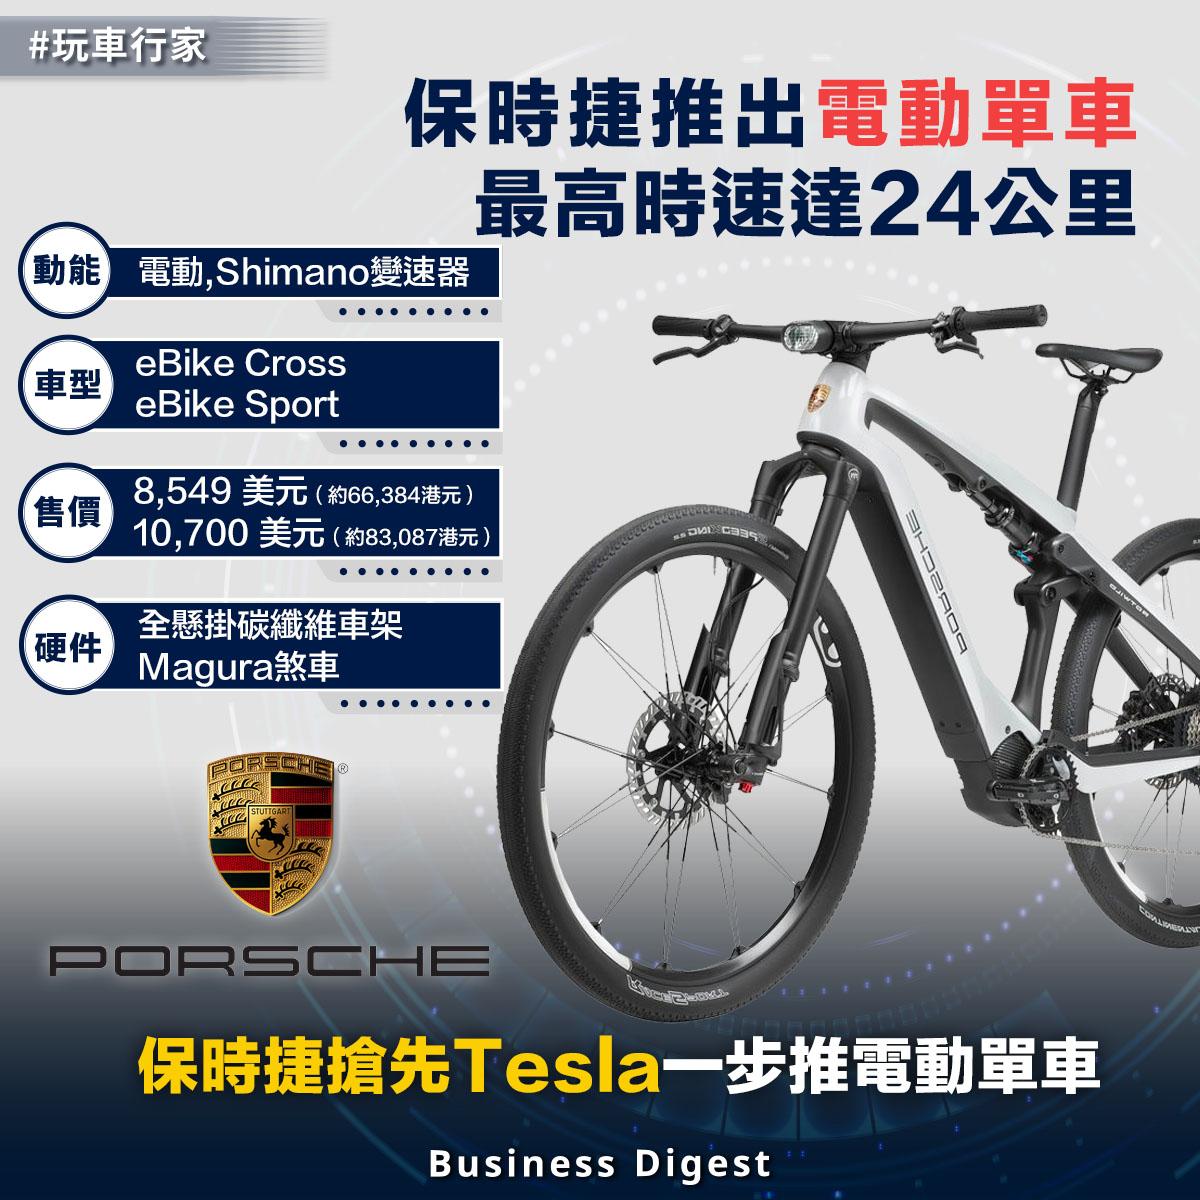 保時捷正在擴大電動車業務,最近推出兩款新的電動單車eBike Sport 和 eBike Cross